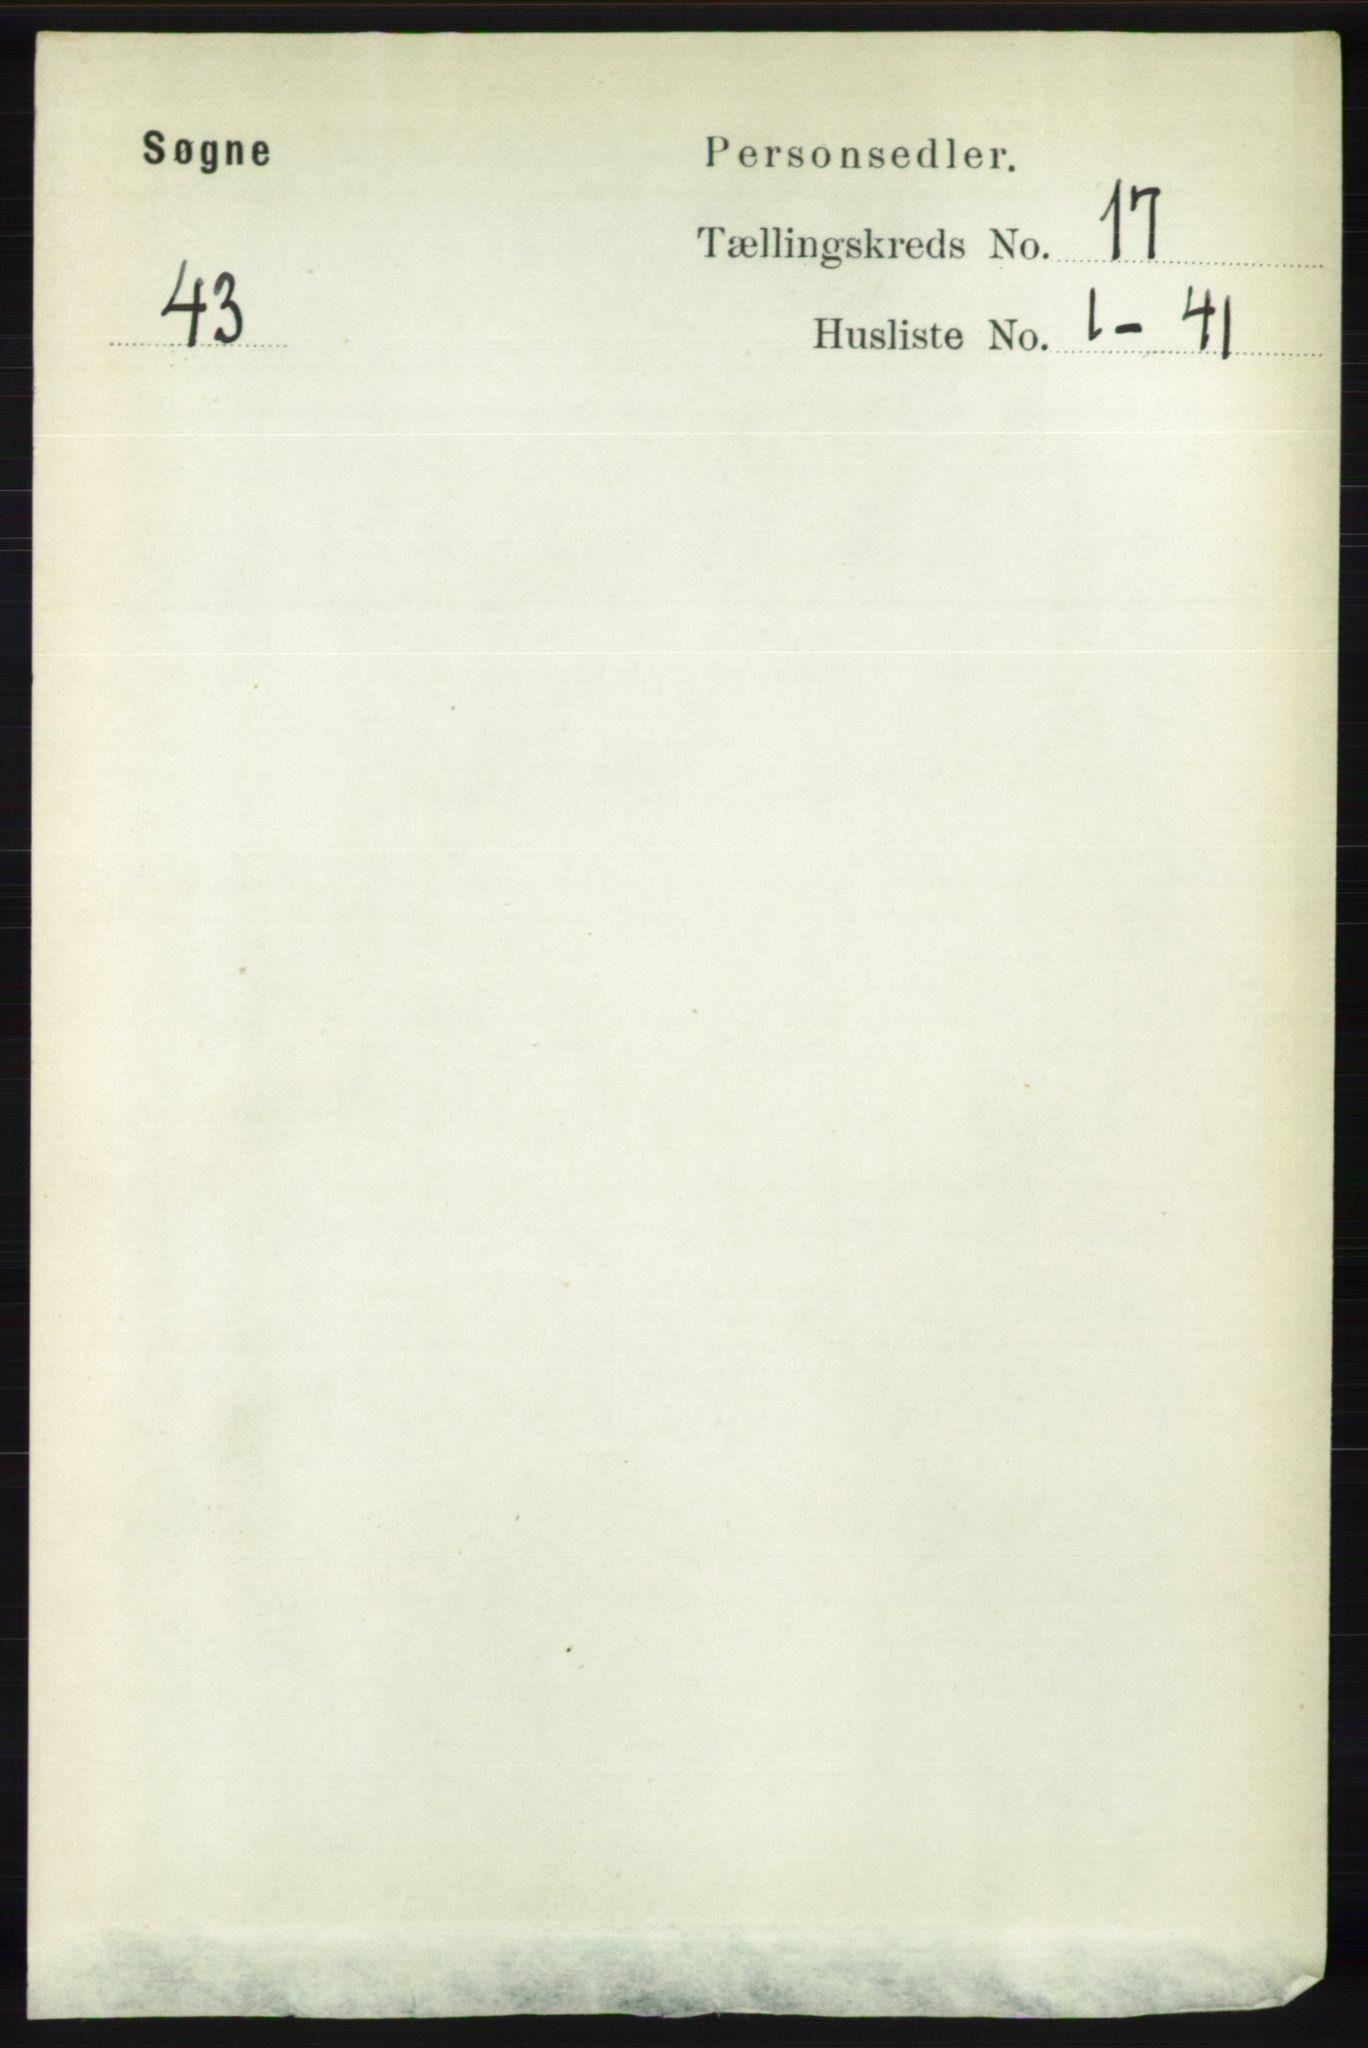 RA, Folketelling 1891 for 1018 Søgne herred, 1891, s. 4509